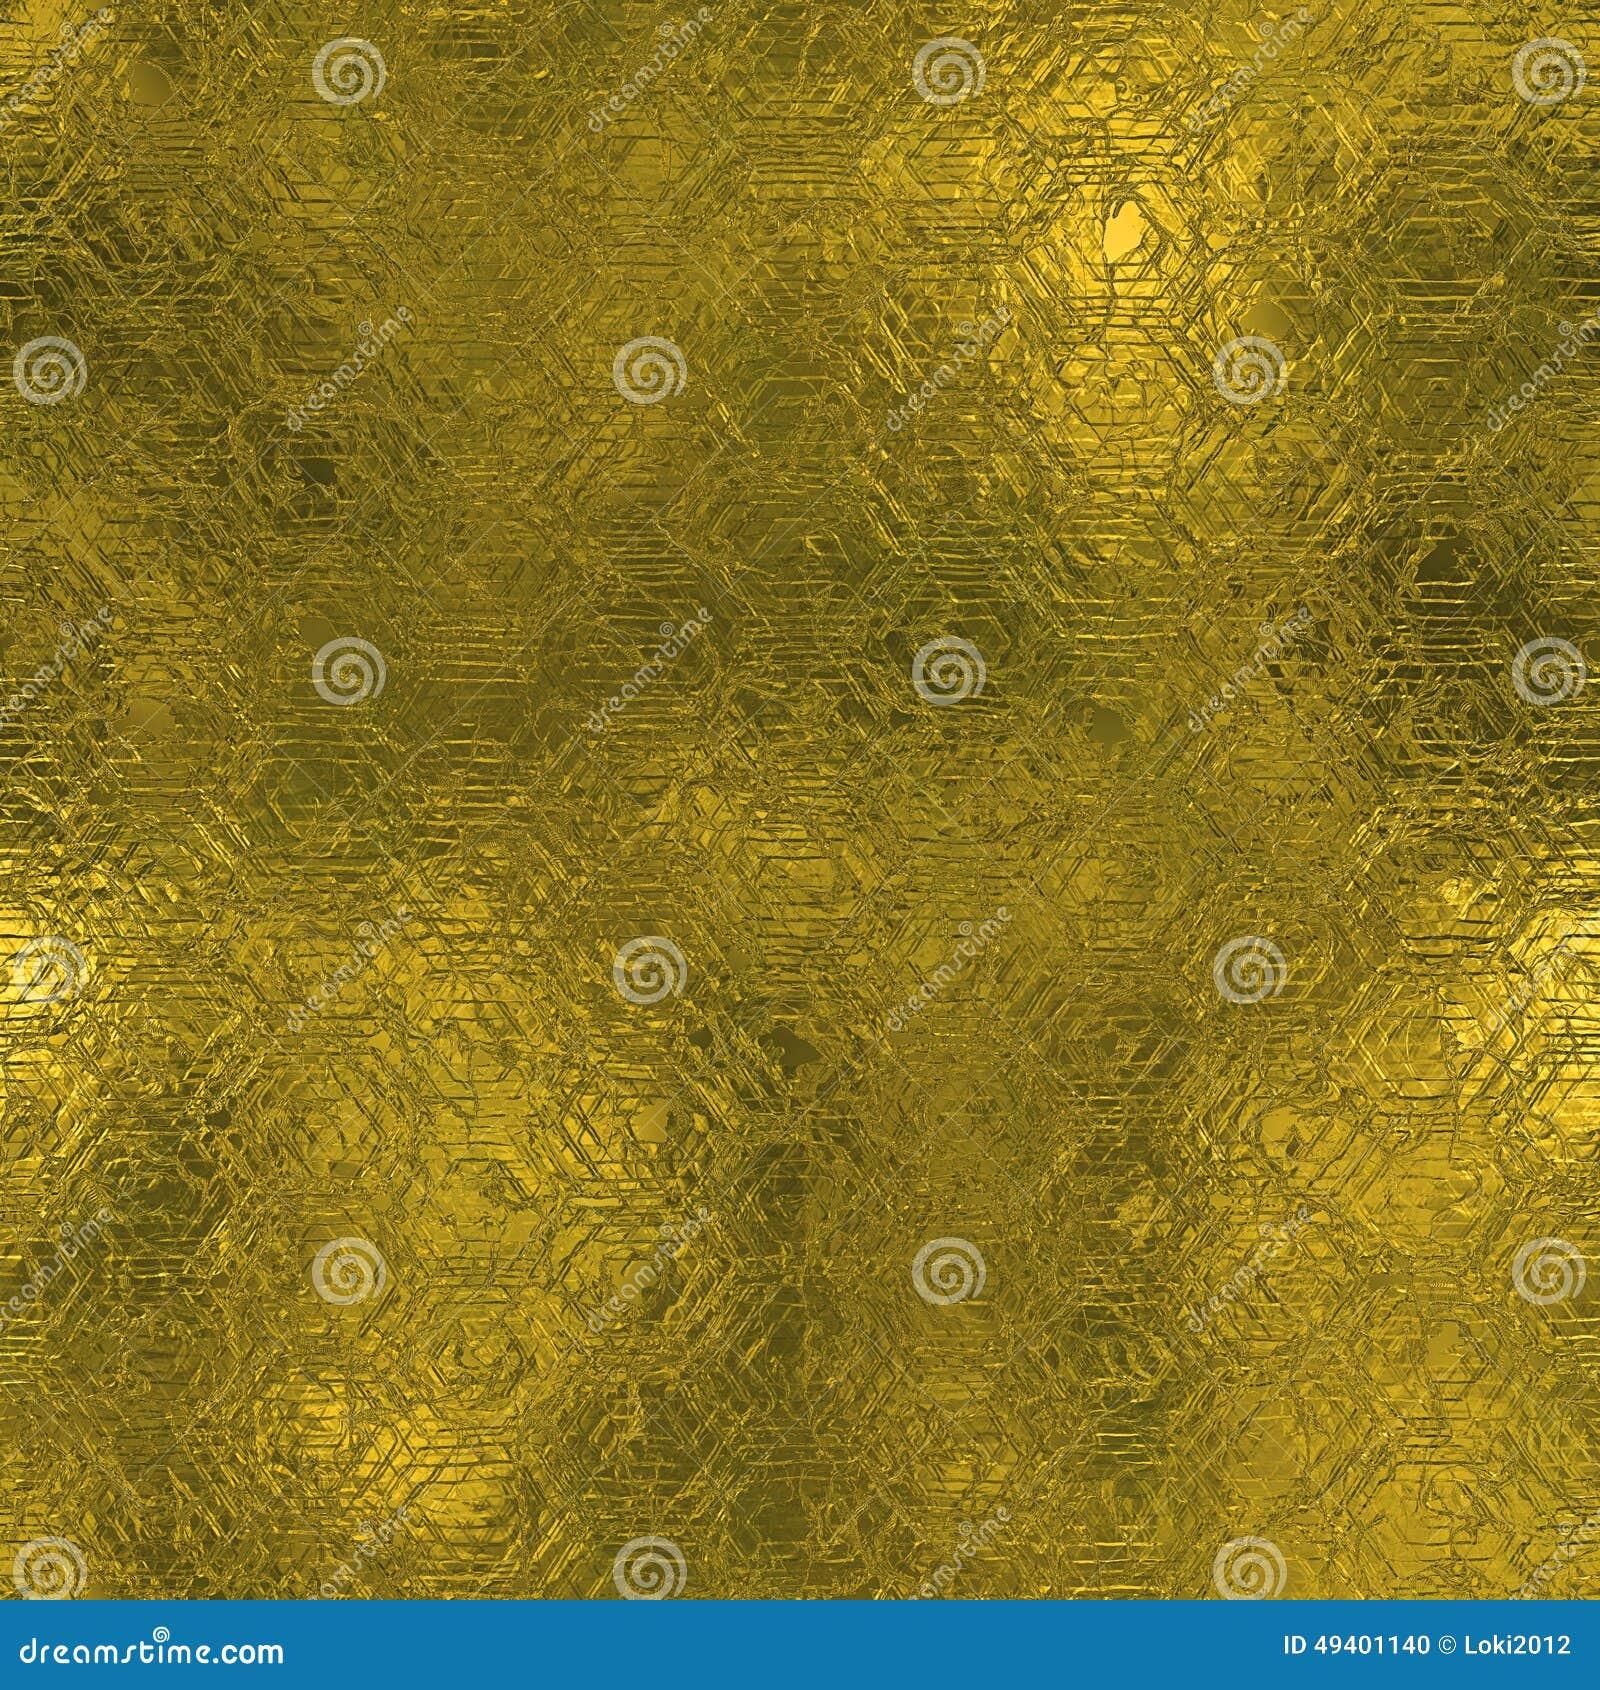 Download Goldene Folie Beschaffenheit Des Nahtlosen Und Tileable Luxushintergrundes Funkelnder Feiertag Geknitterter Goldhintergrund Stockfoto - Bild von reflexion, folie: 49401140